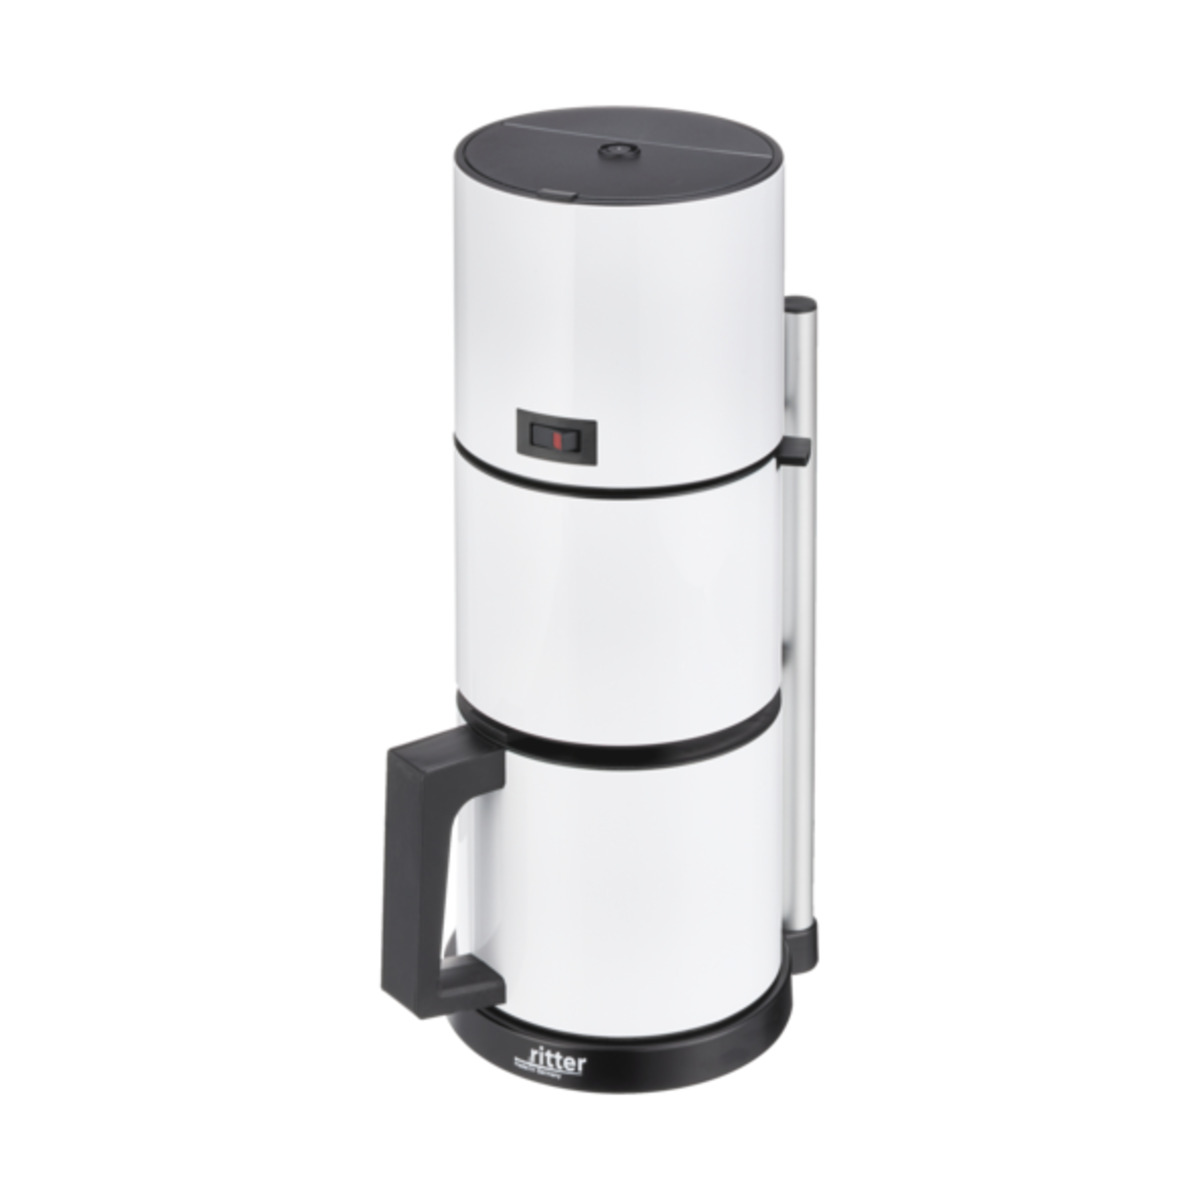 Bild 2 von Kaffeemaschine ritter Cafena 5, weiß